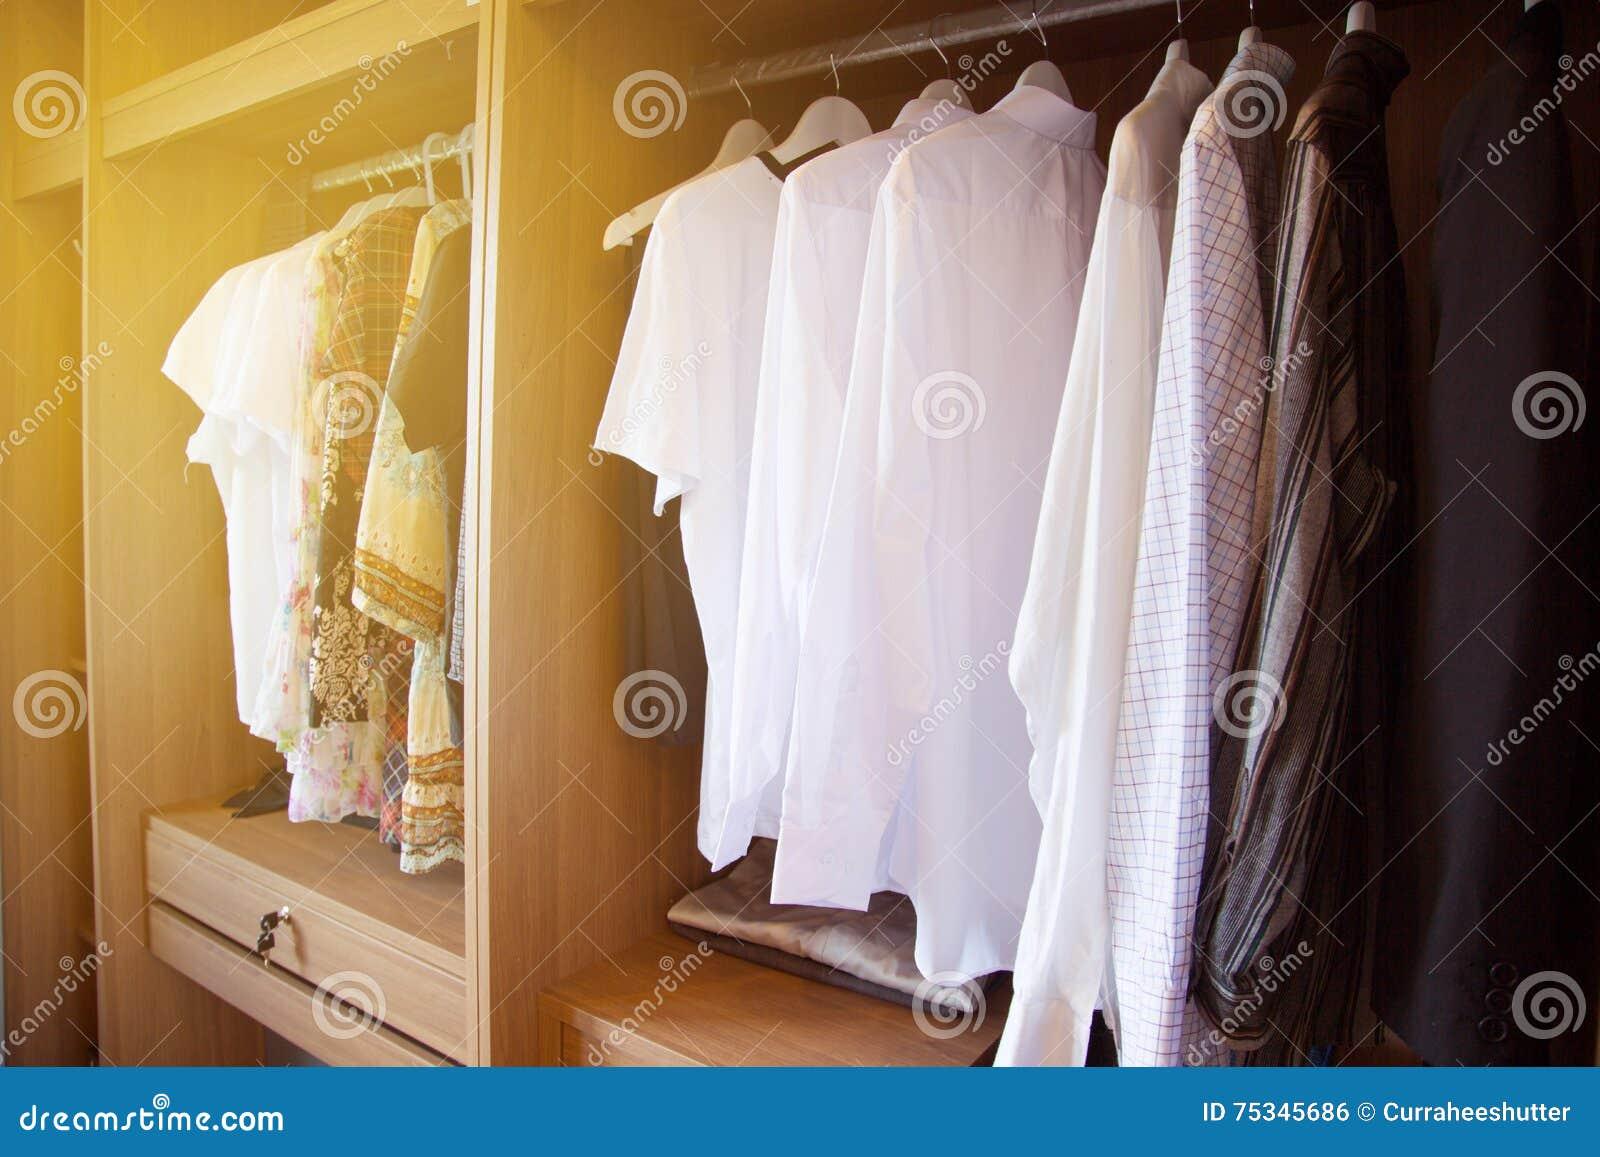 La ropa cuelga en un estante en la ropa de un diseñador tienda, armario moderno con la fila de la ropa que cuelga en guardarropa,